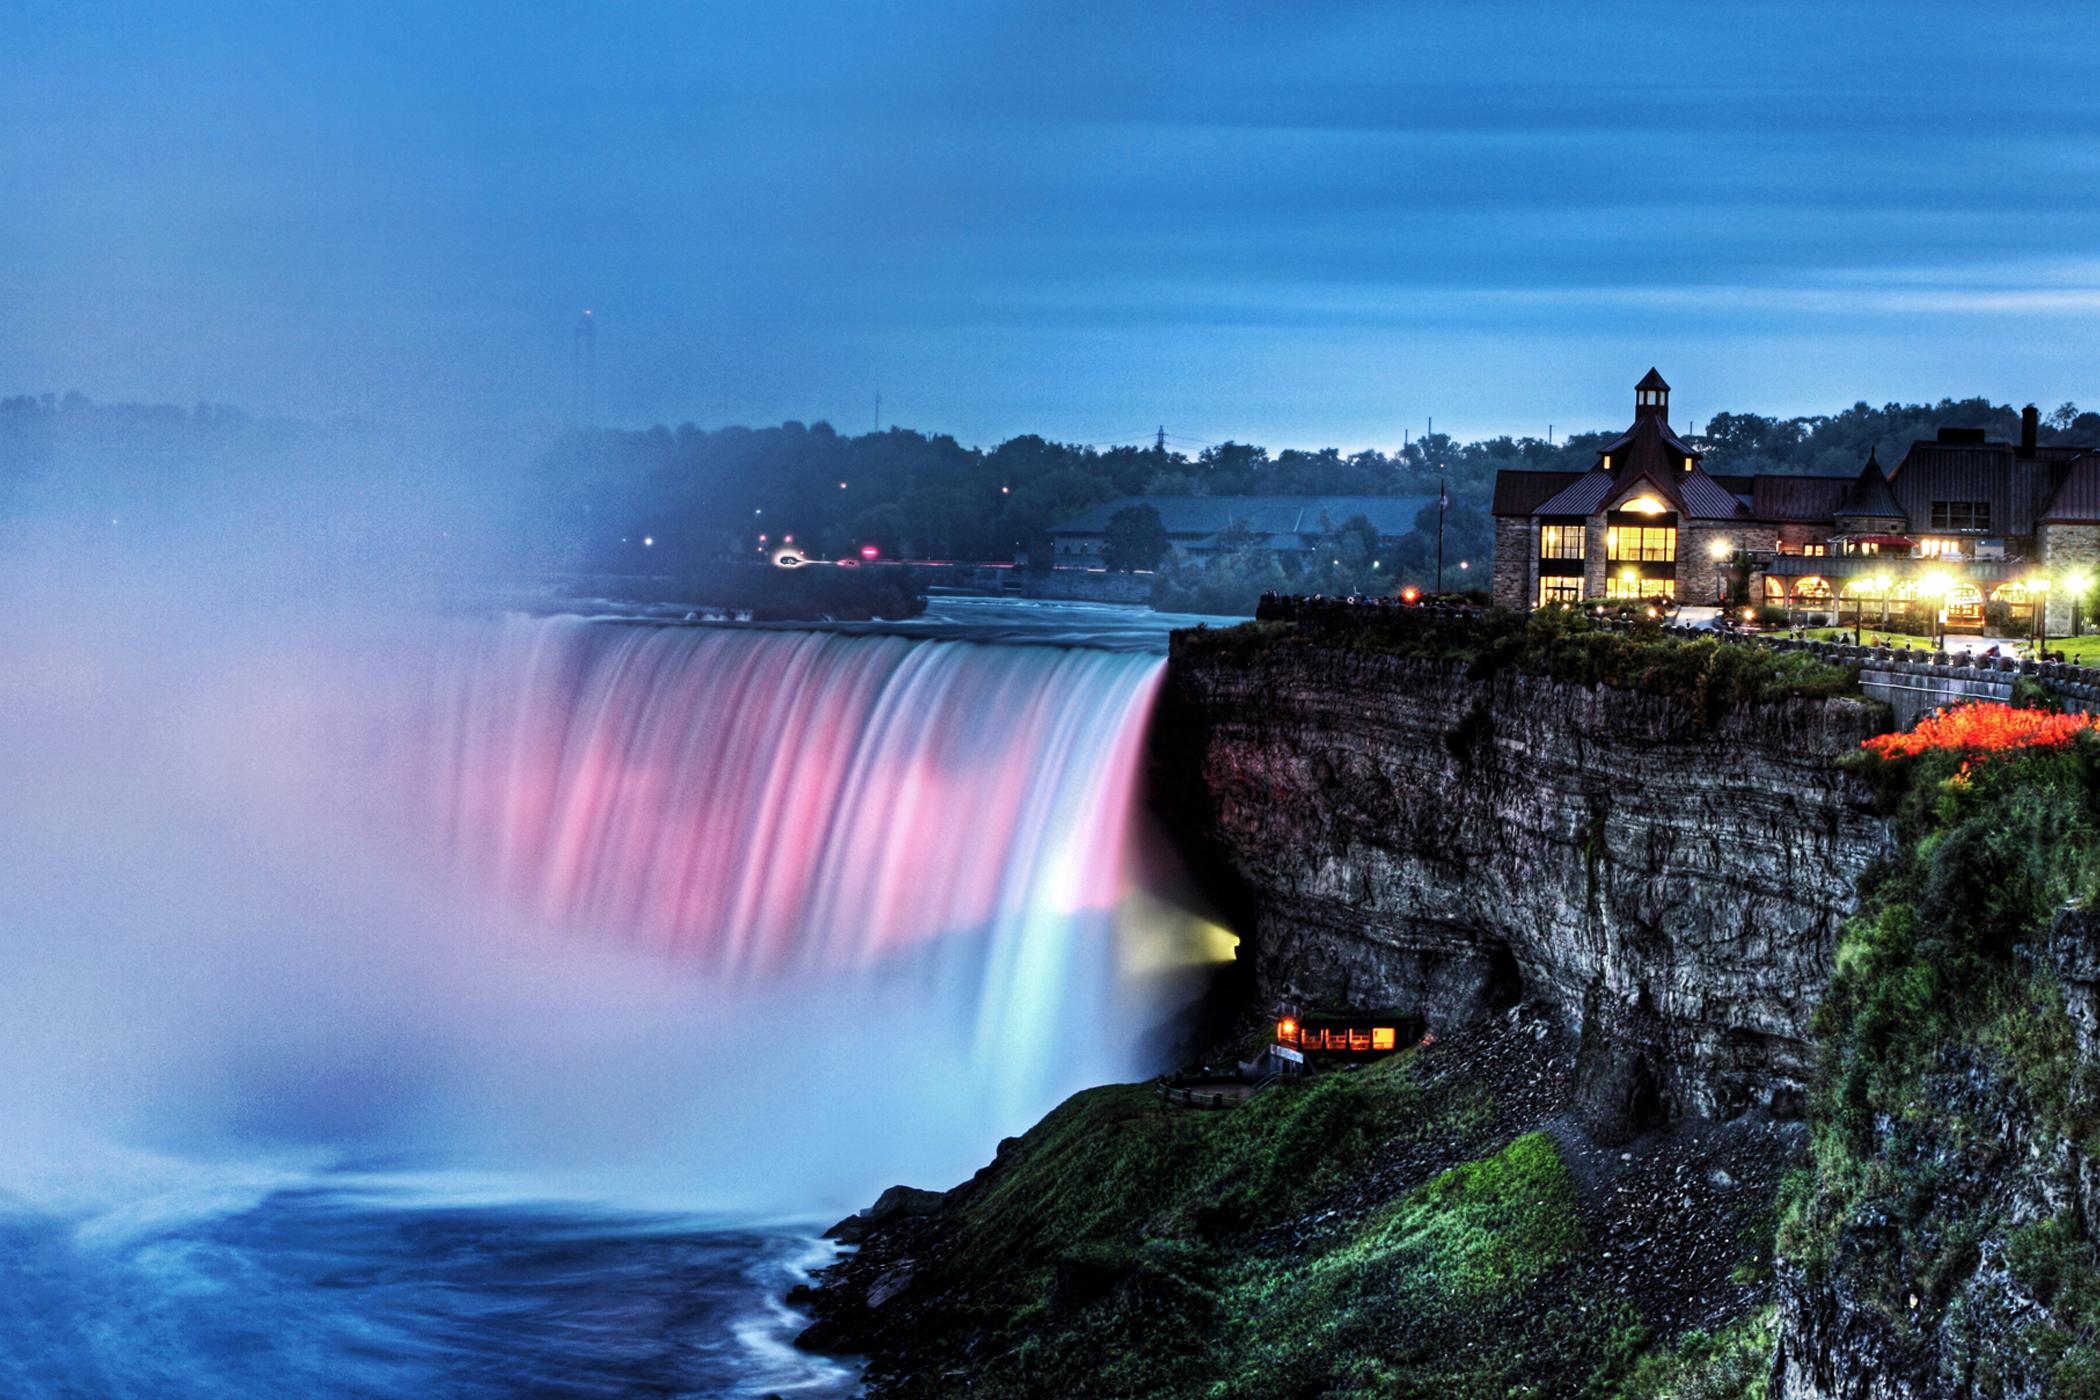 Waterfall, Toronto Gallery - Canada: Ontario: Toronto